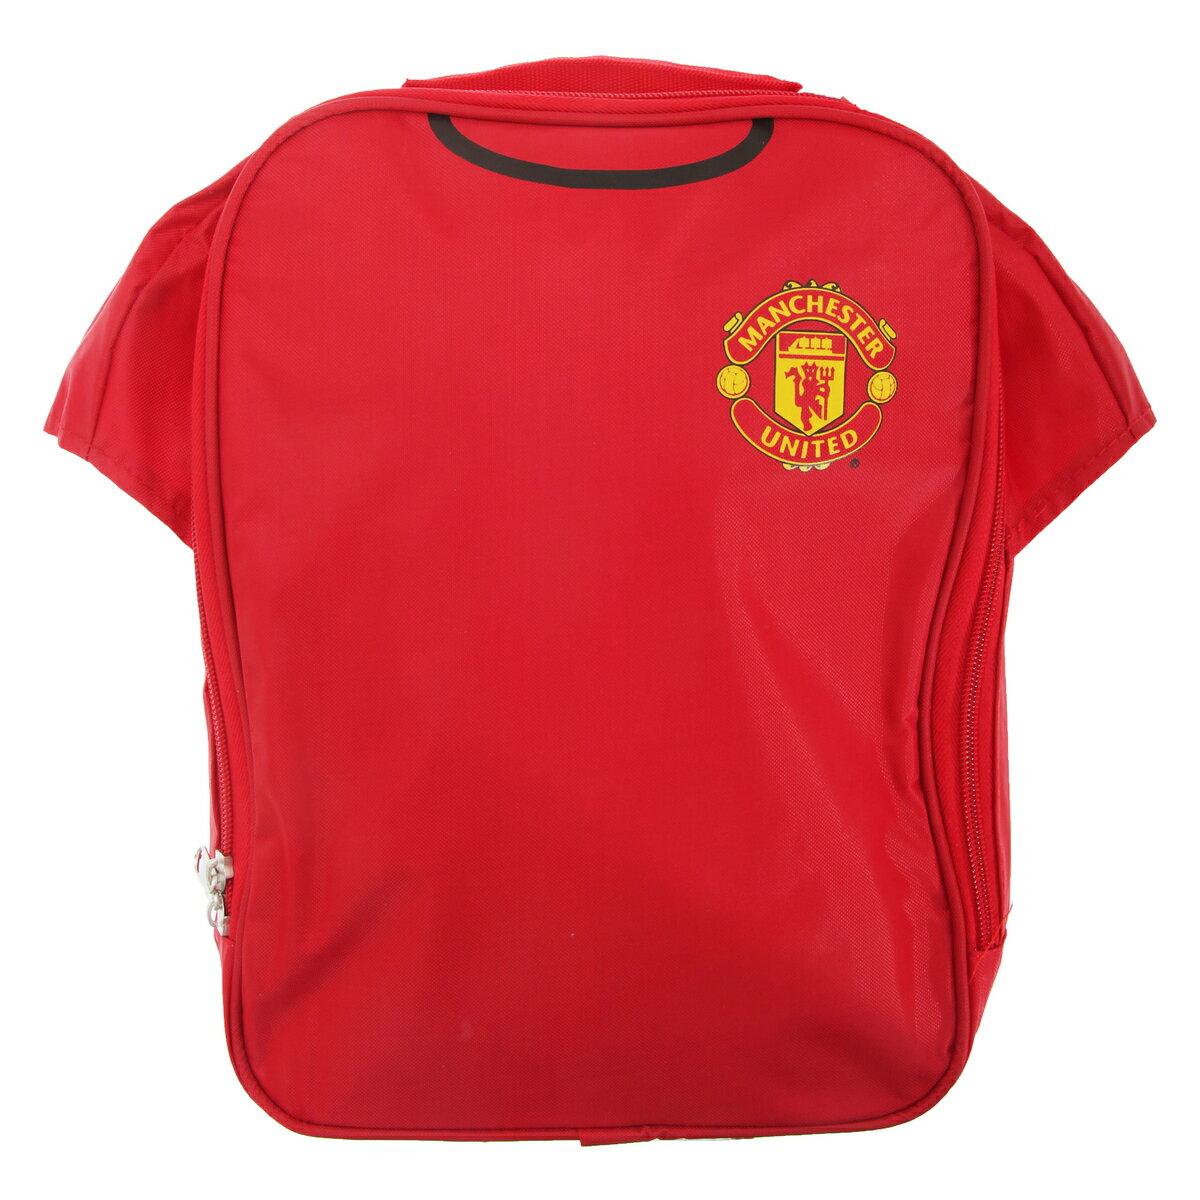 弁当箱・弁当袋, 弁当袋・ランチバッグ  Manchester United FC